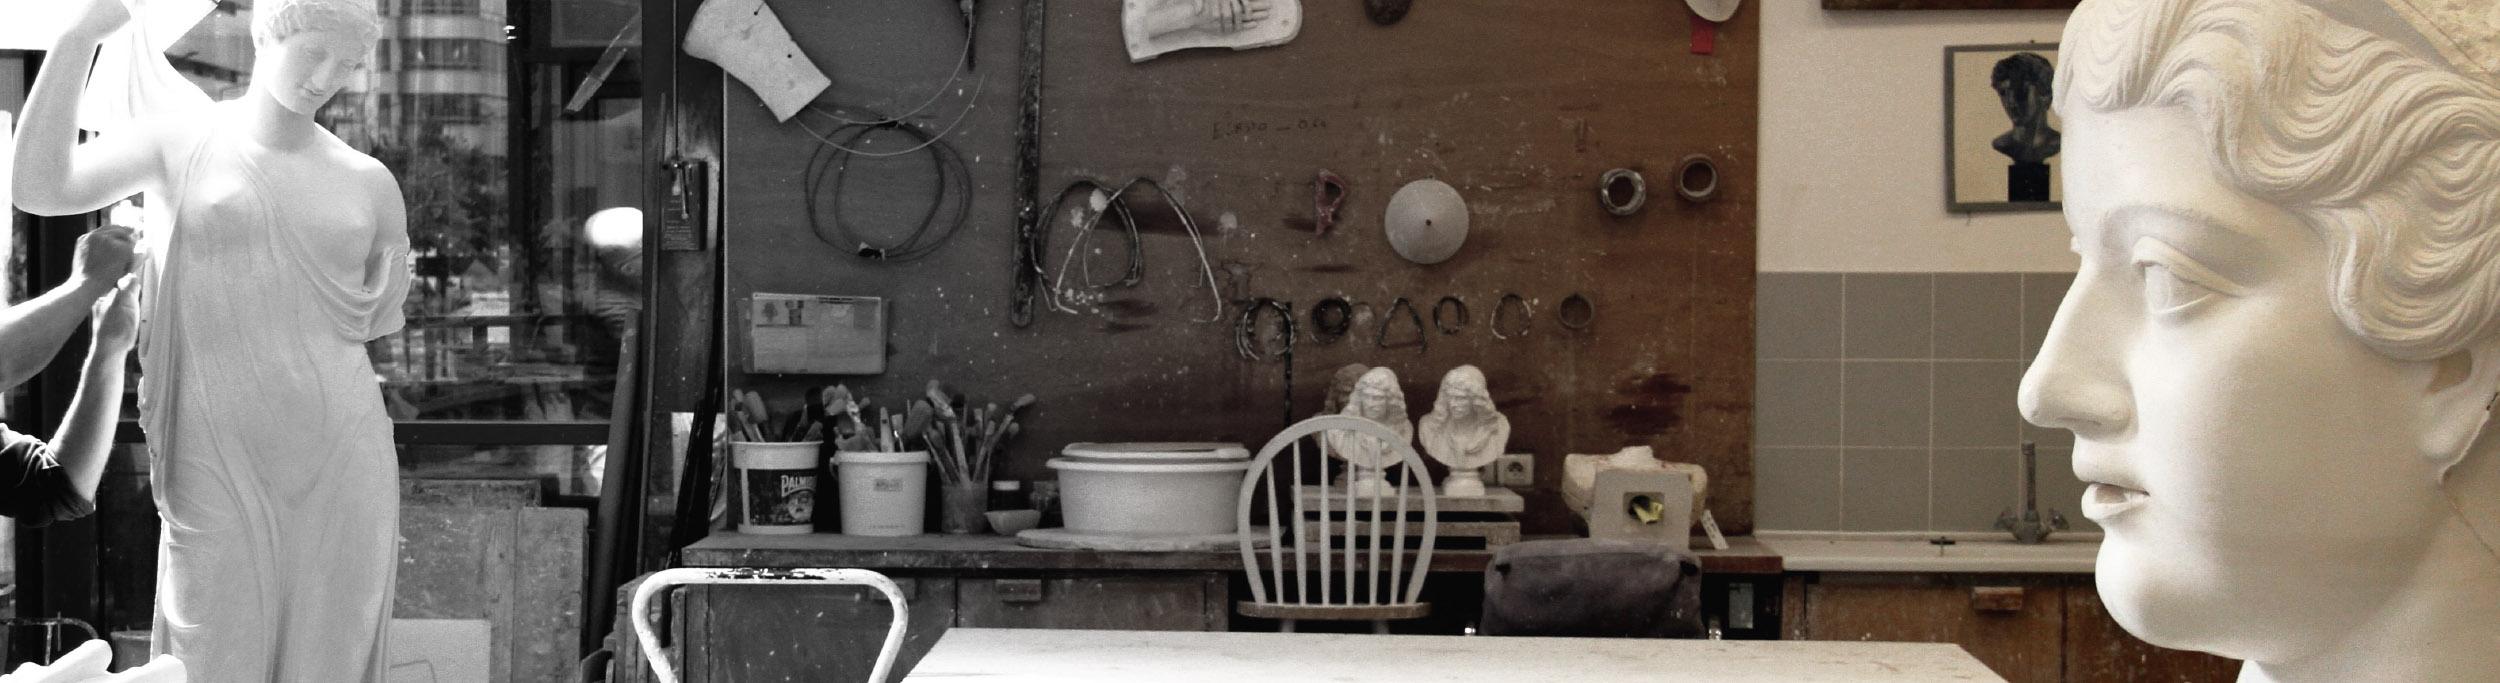 Museum sculptures reproductions | The Musées Nationaux cast workshop